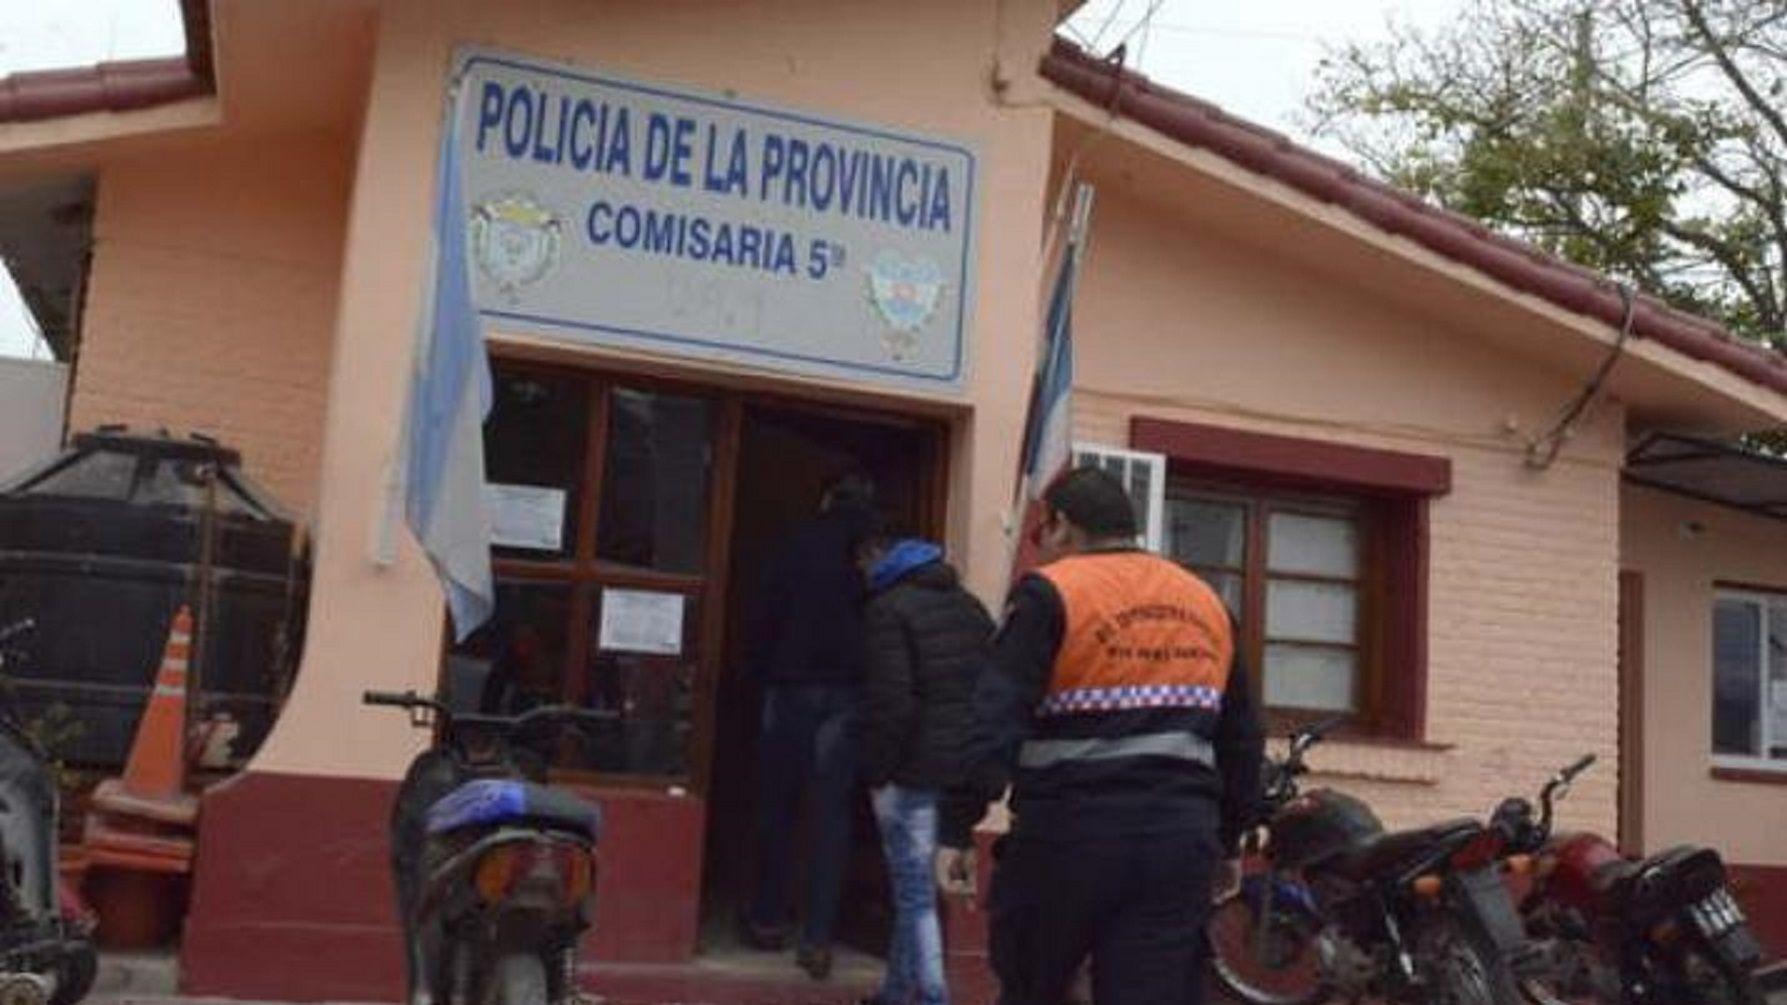 Tensión en una comisaría de Santiago del Estero: motín, incendio y fuga